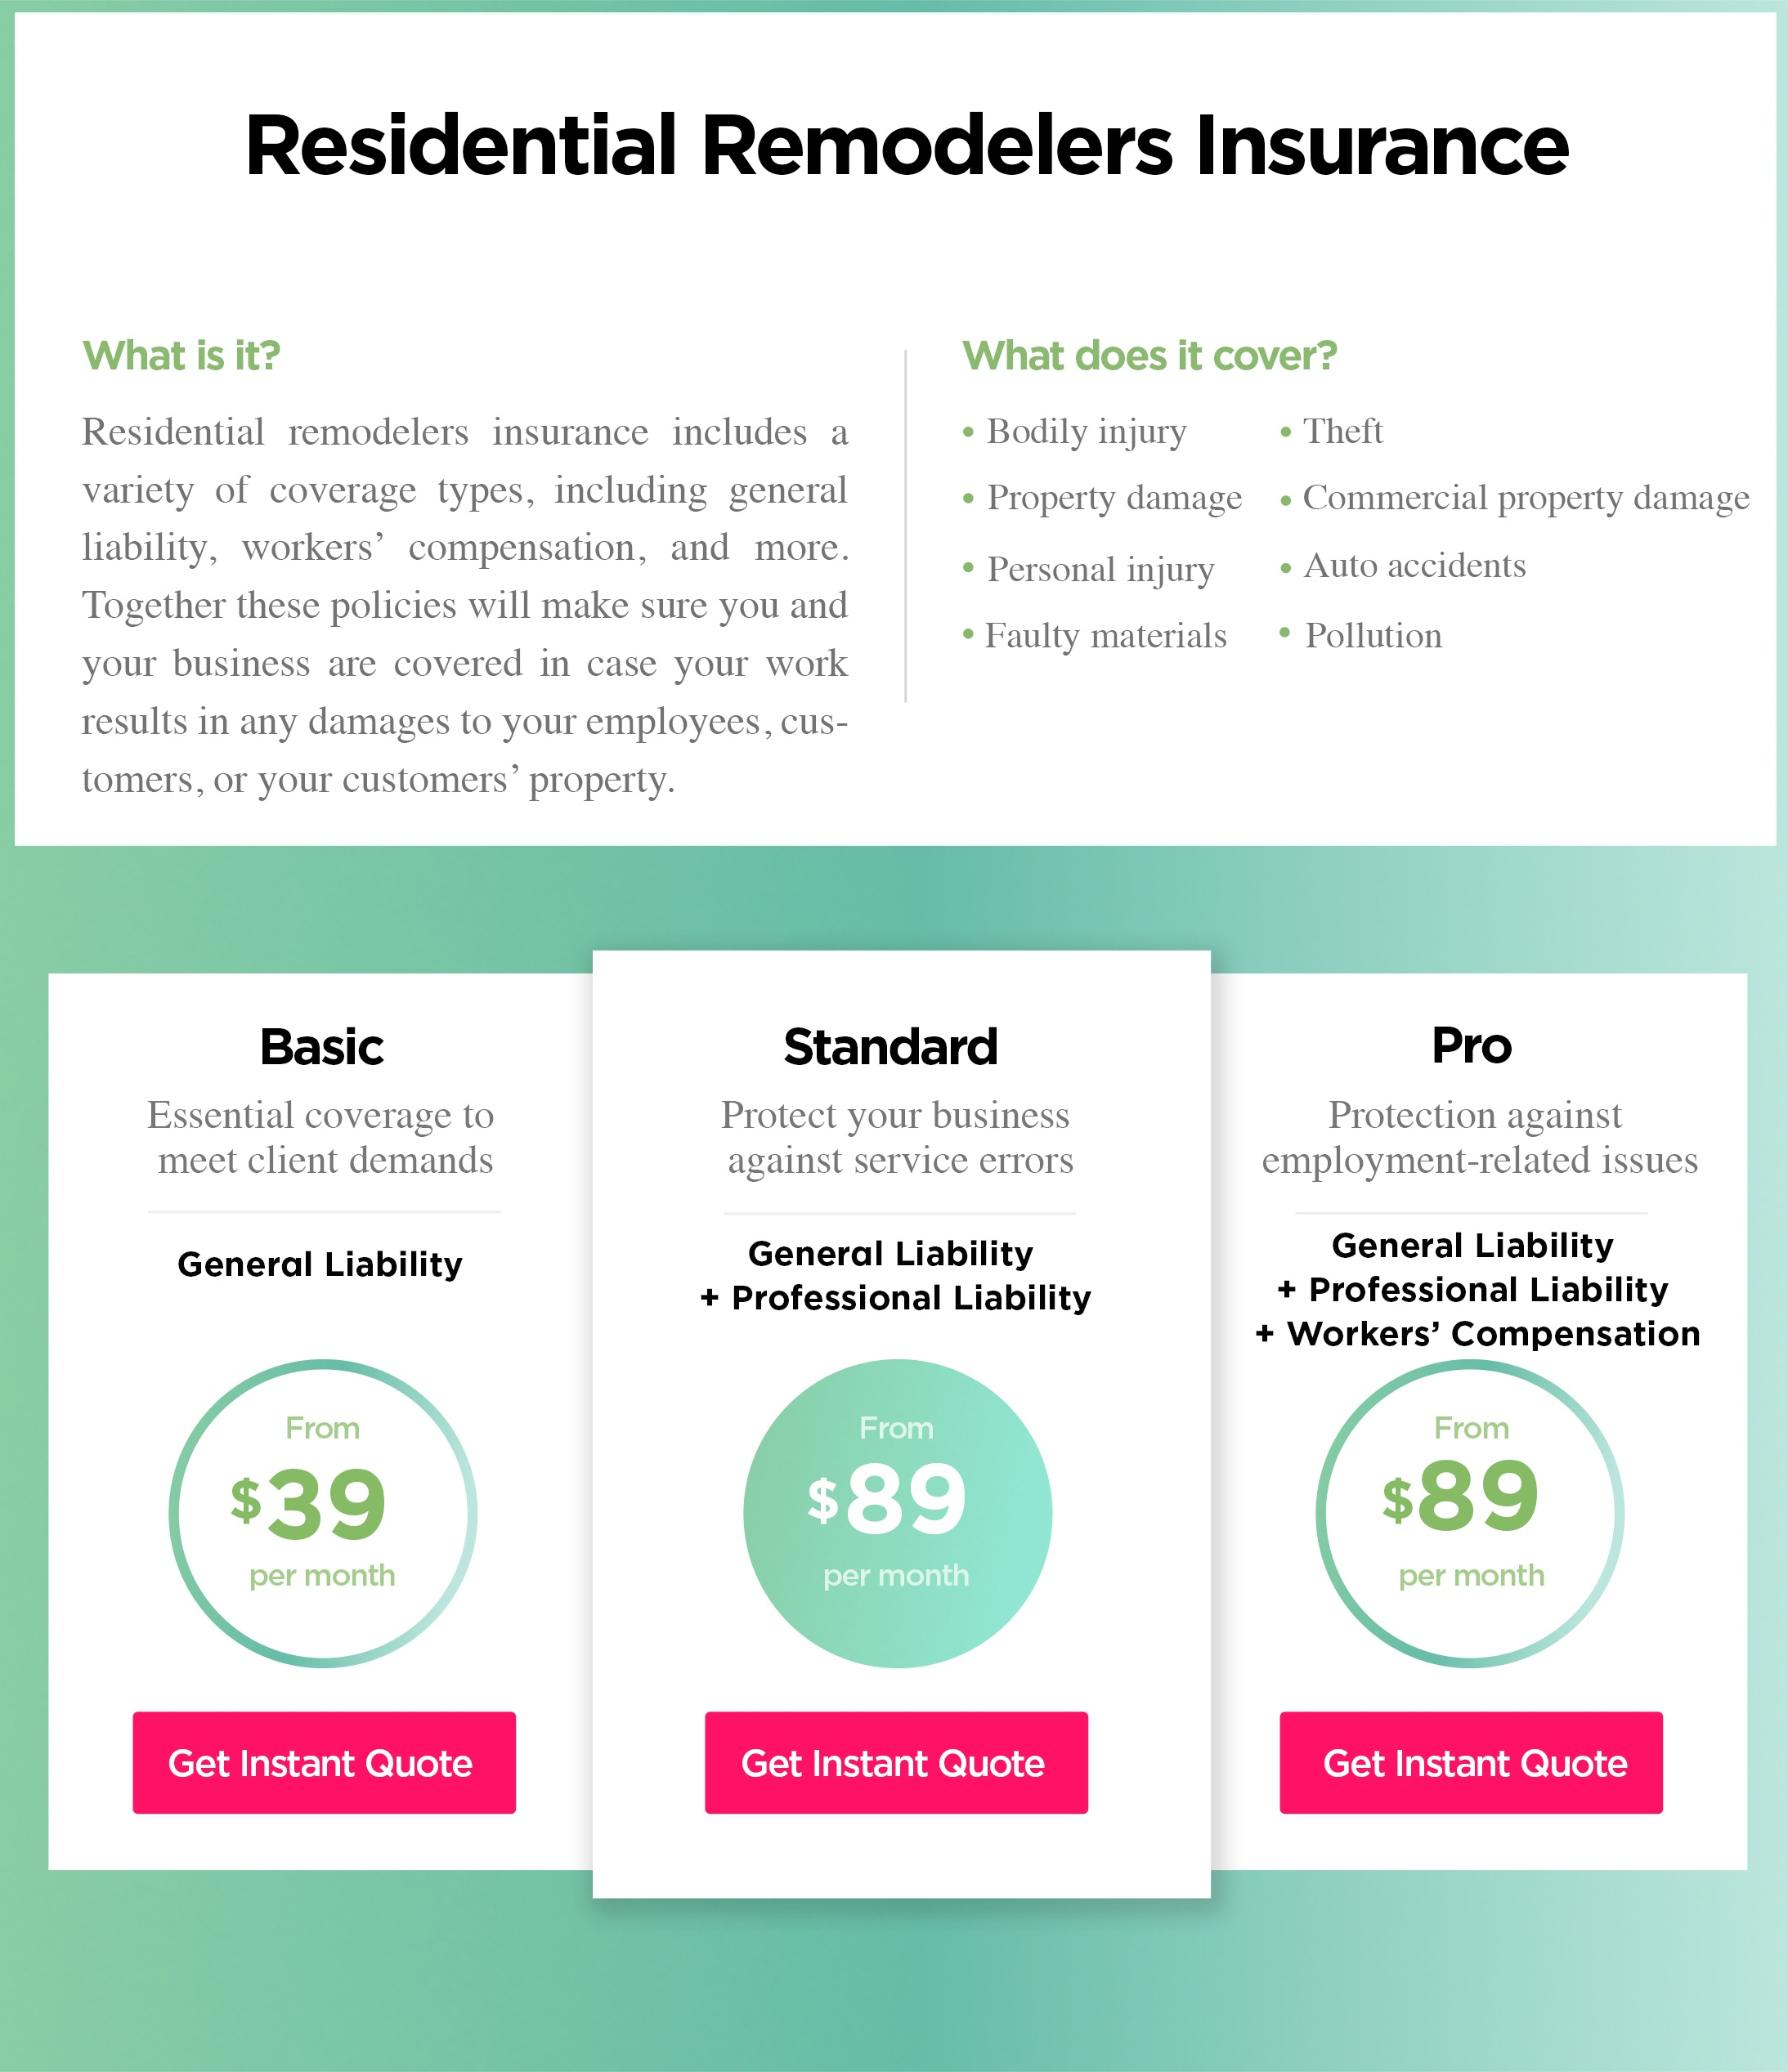 Residential Remodeler Insurance Cost